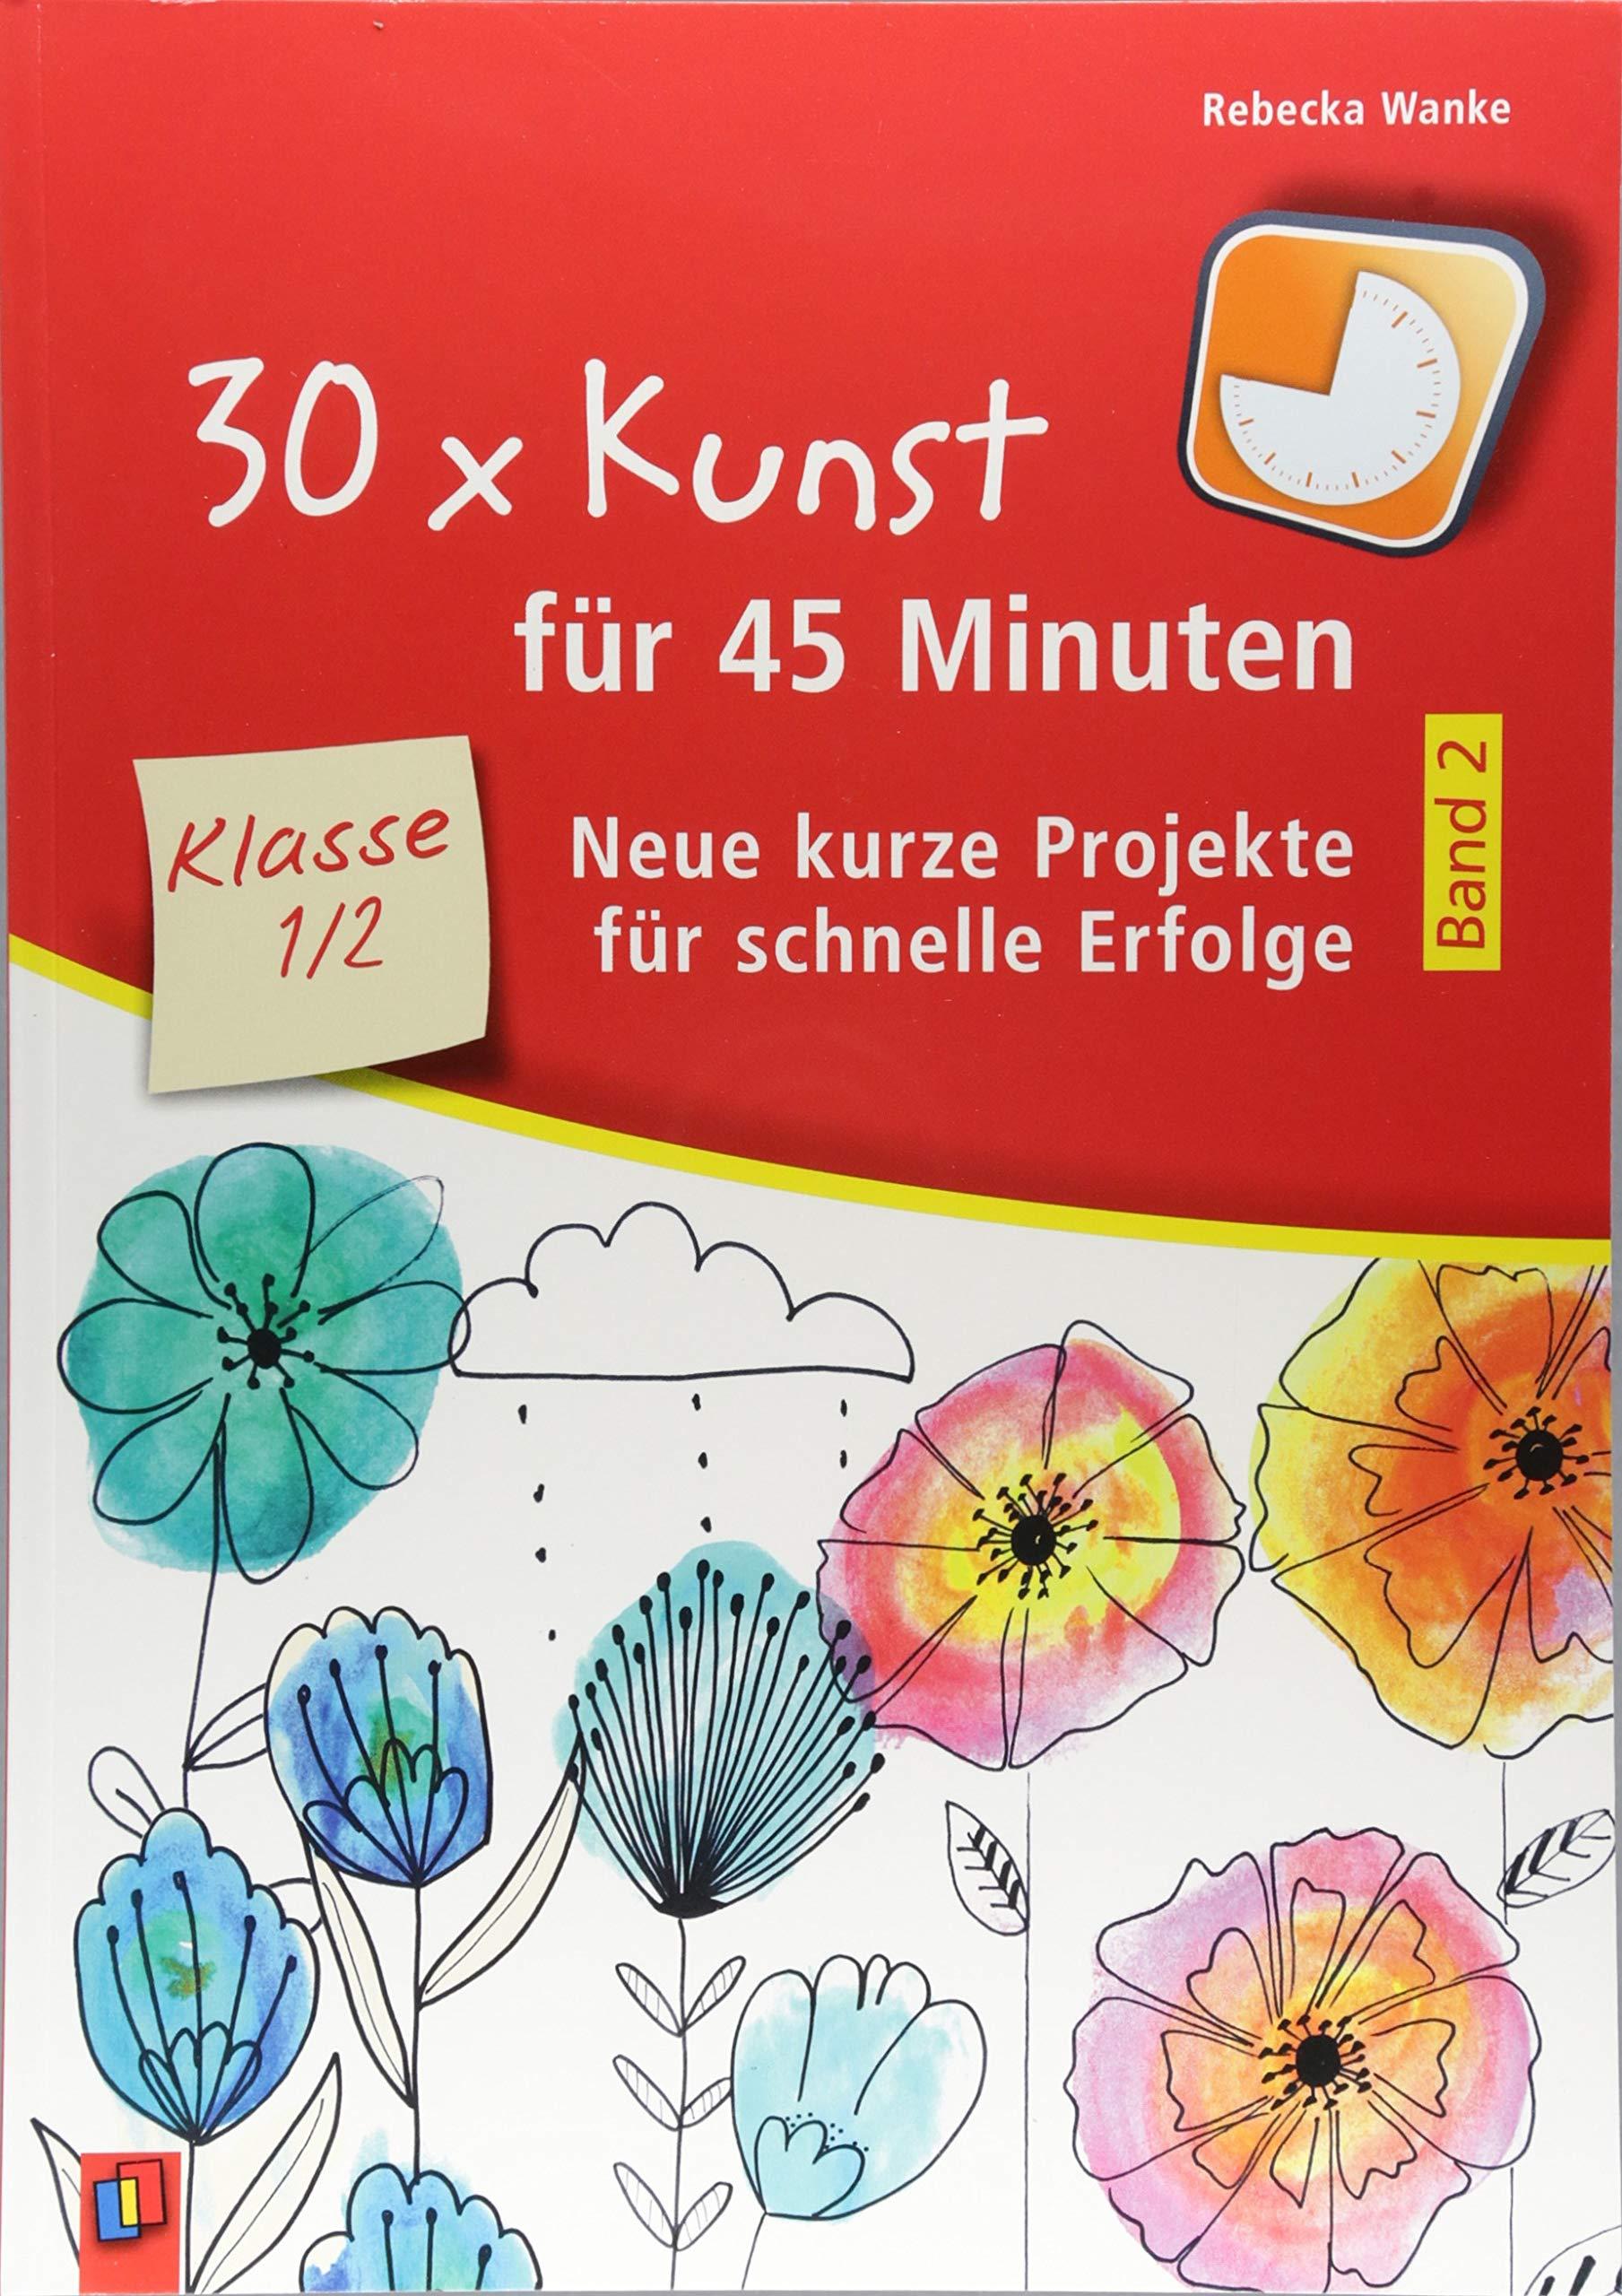 30 x Kunst für 45 Minuten – Band 2 Klasse 1/2: Neue kurze Projekte für schnelle Erfolge Taschenbuch – 6. August 2018 Rebecka Wanke Verlag an der Ruhr 3834638935 Lernmittel